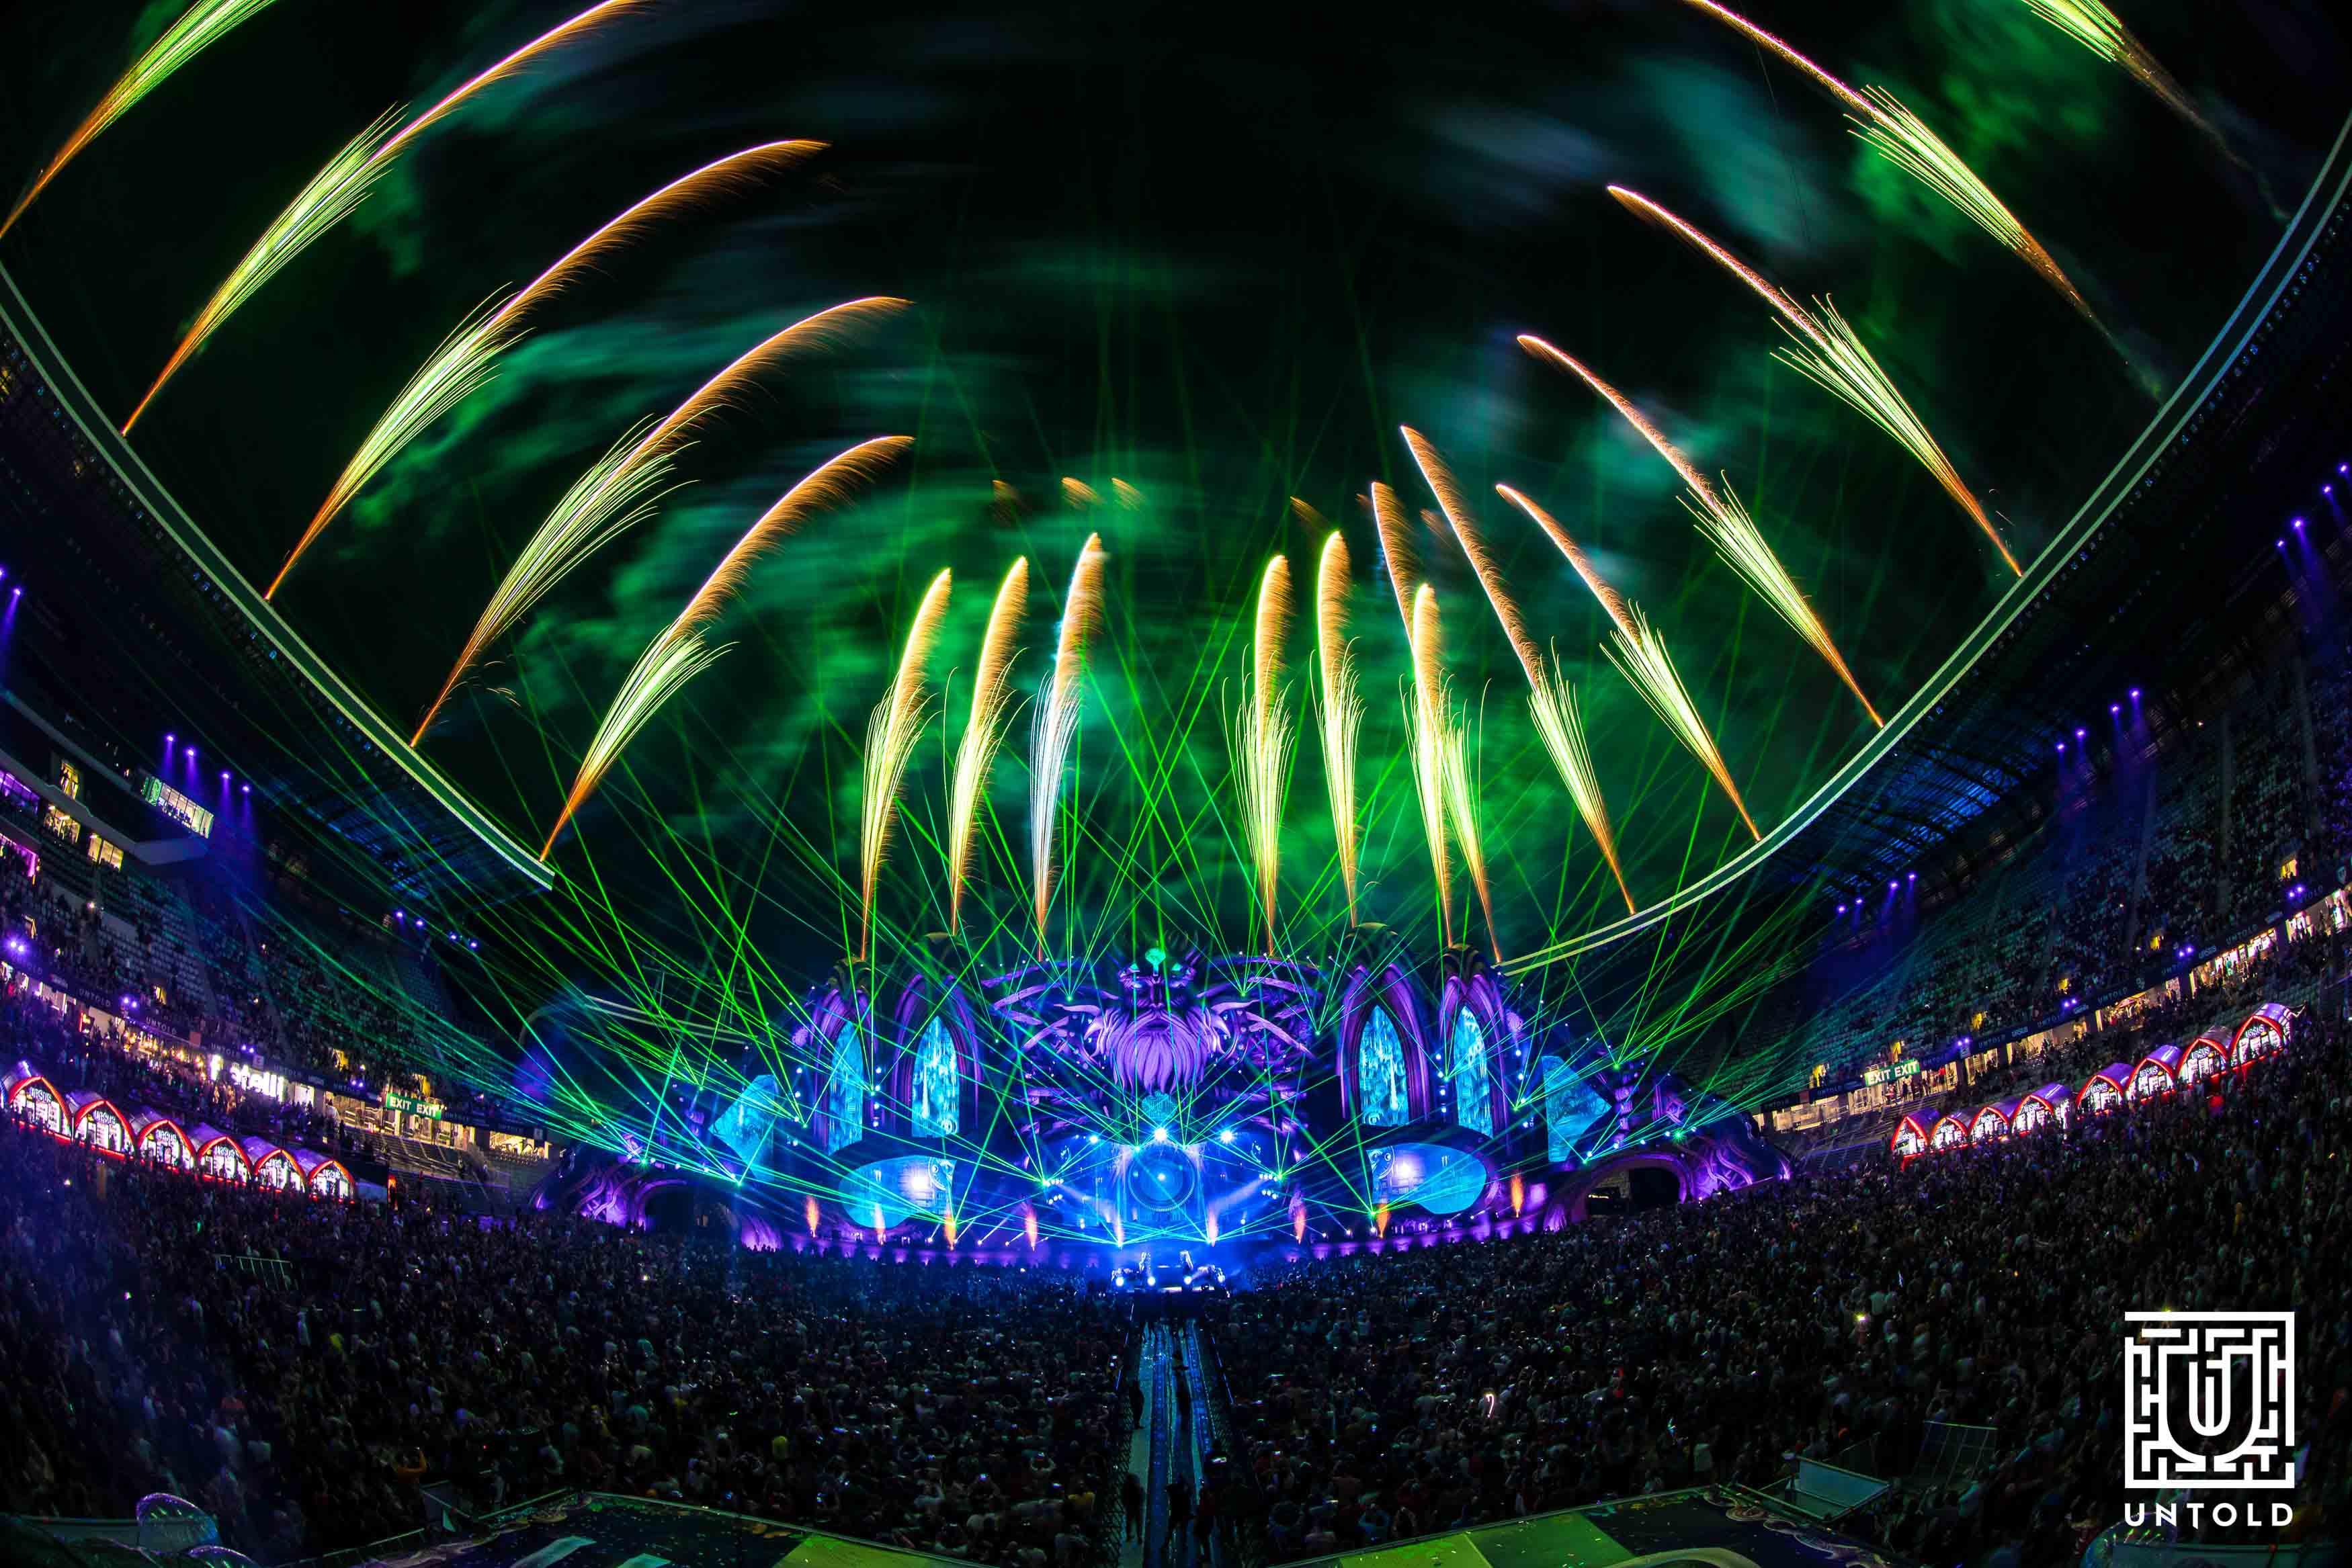 Peste 372.000 de participanți în cele patru zile ale festivalului UNTOLD 2019